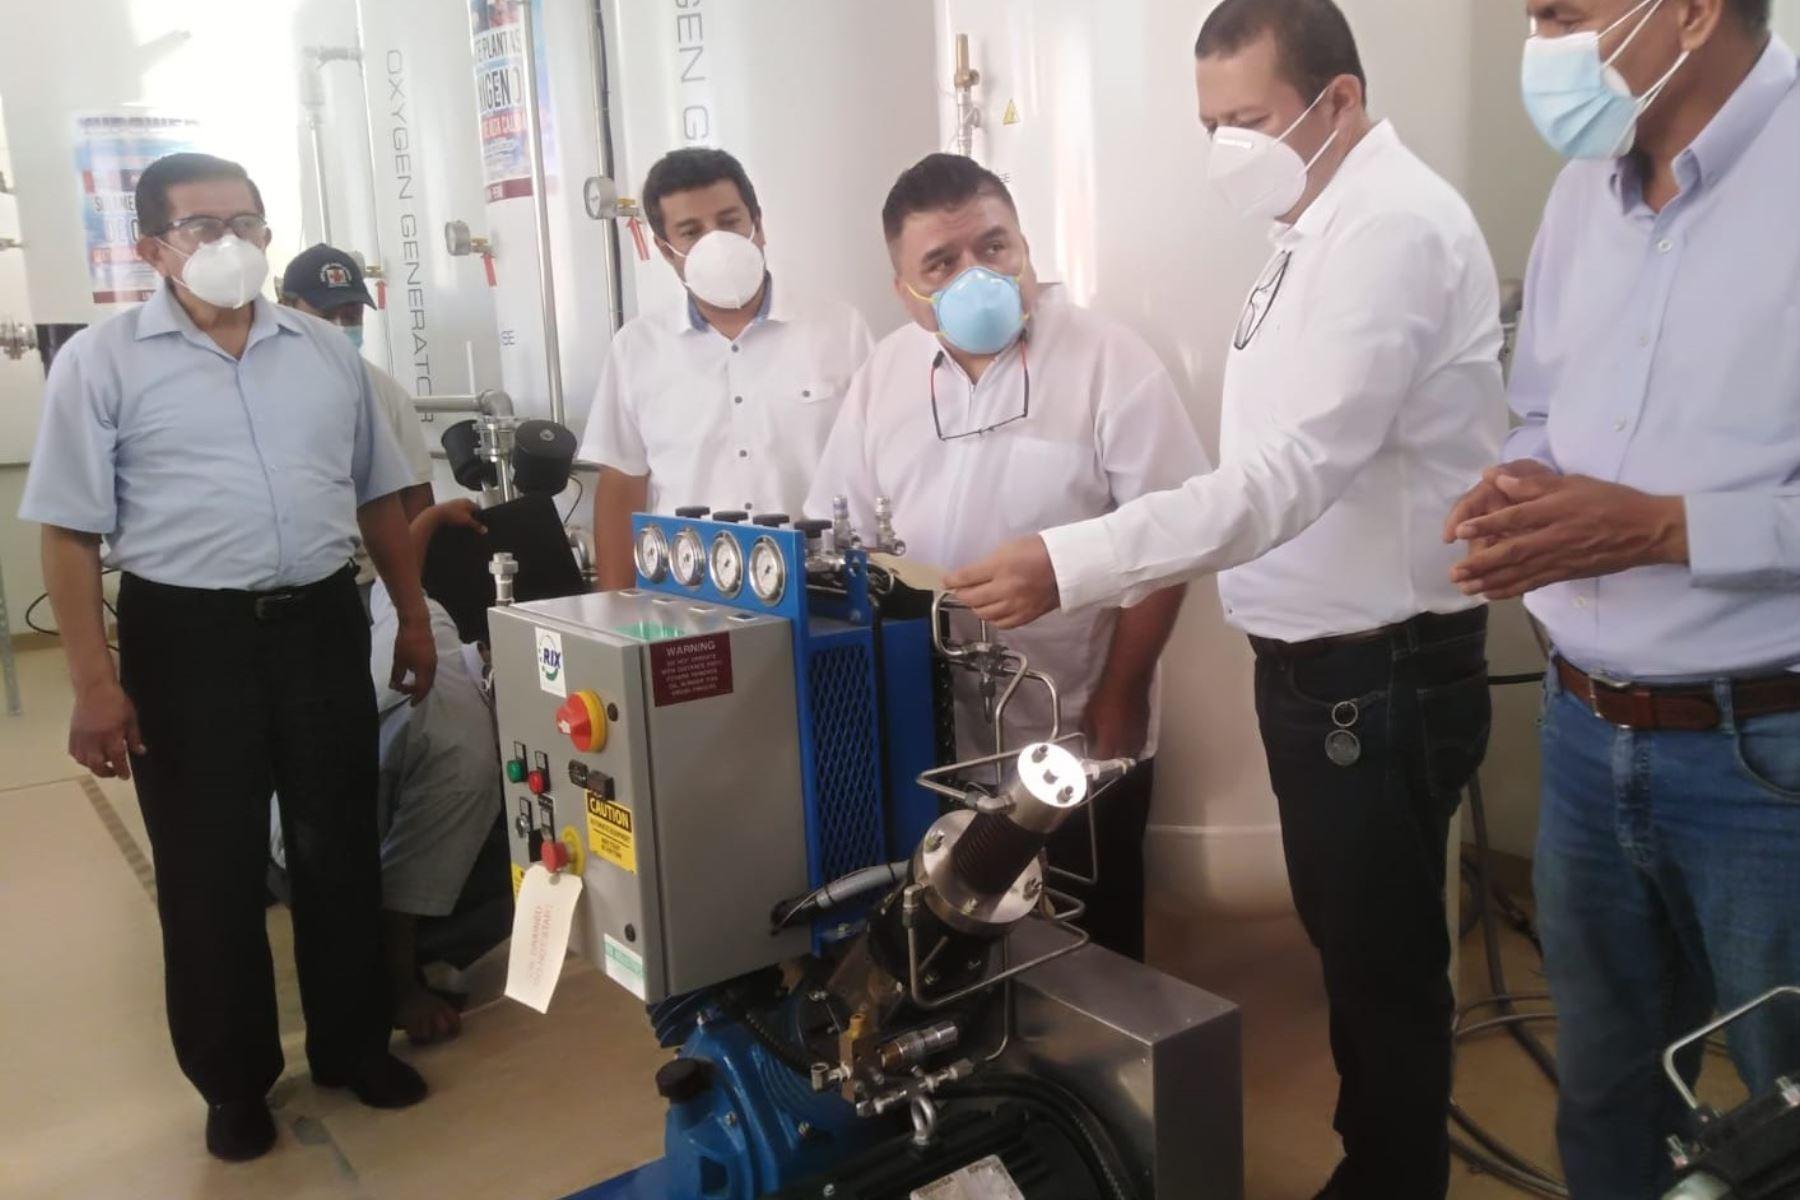 Gobernador regional de Lambayeque (e), Luis Díaz, supervisa las mejoras en la planta de oxígeno medicinal del hospital regional.